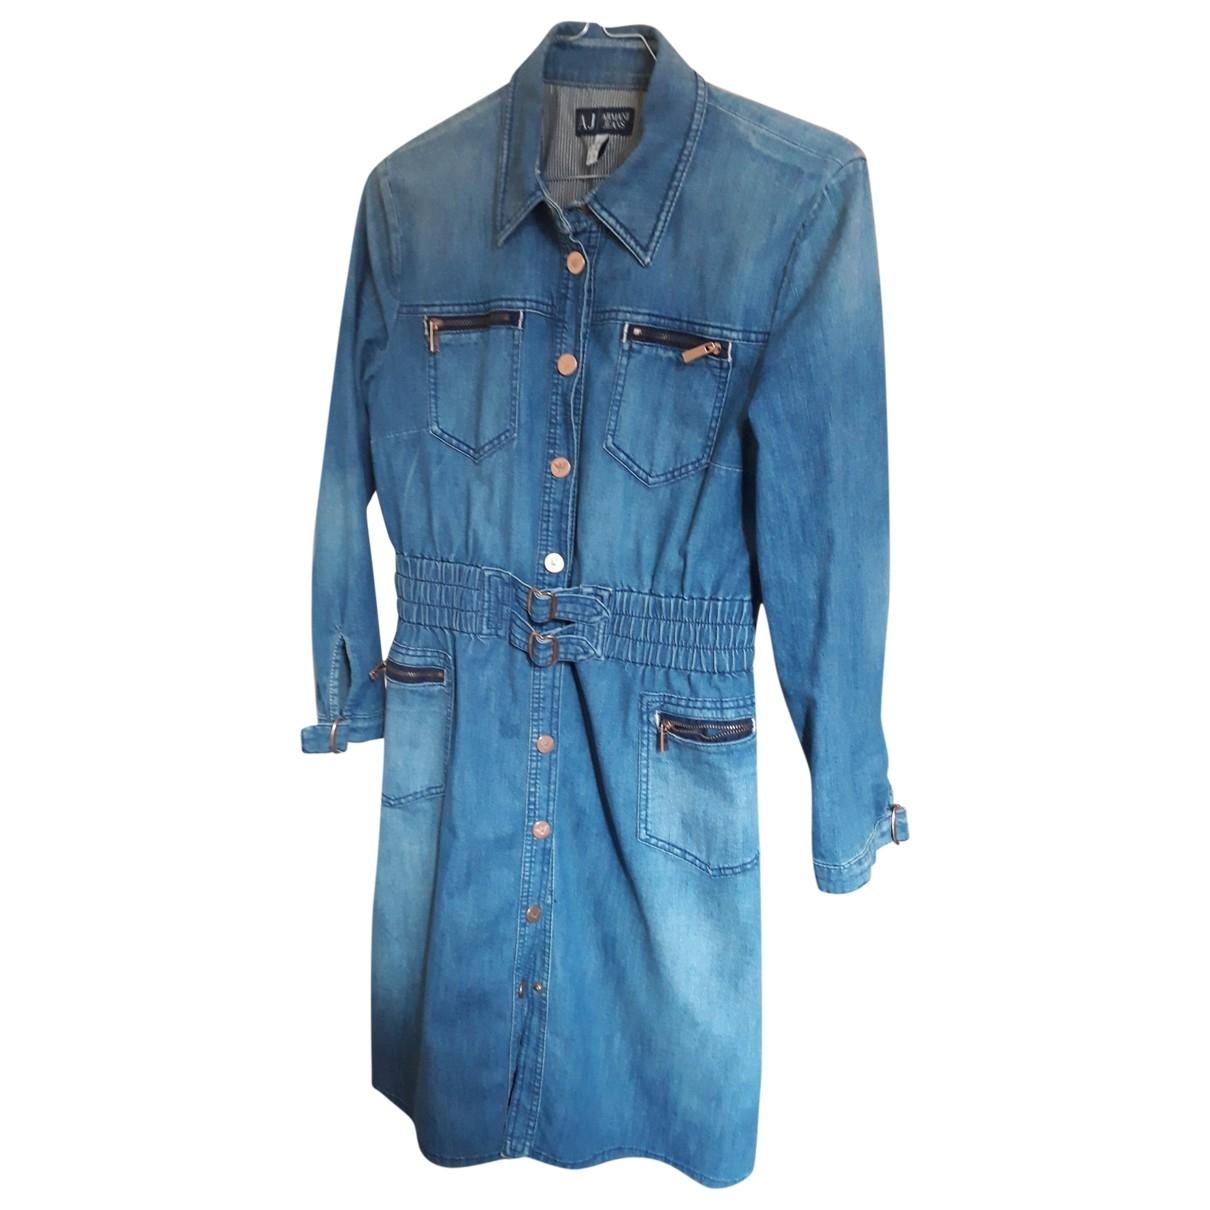 Armani Jeans \N Kleid in  Blau Denim - Jeans